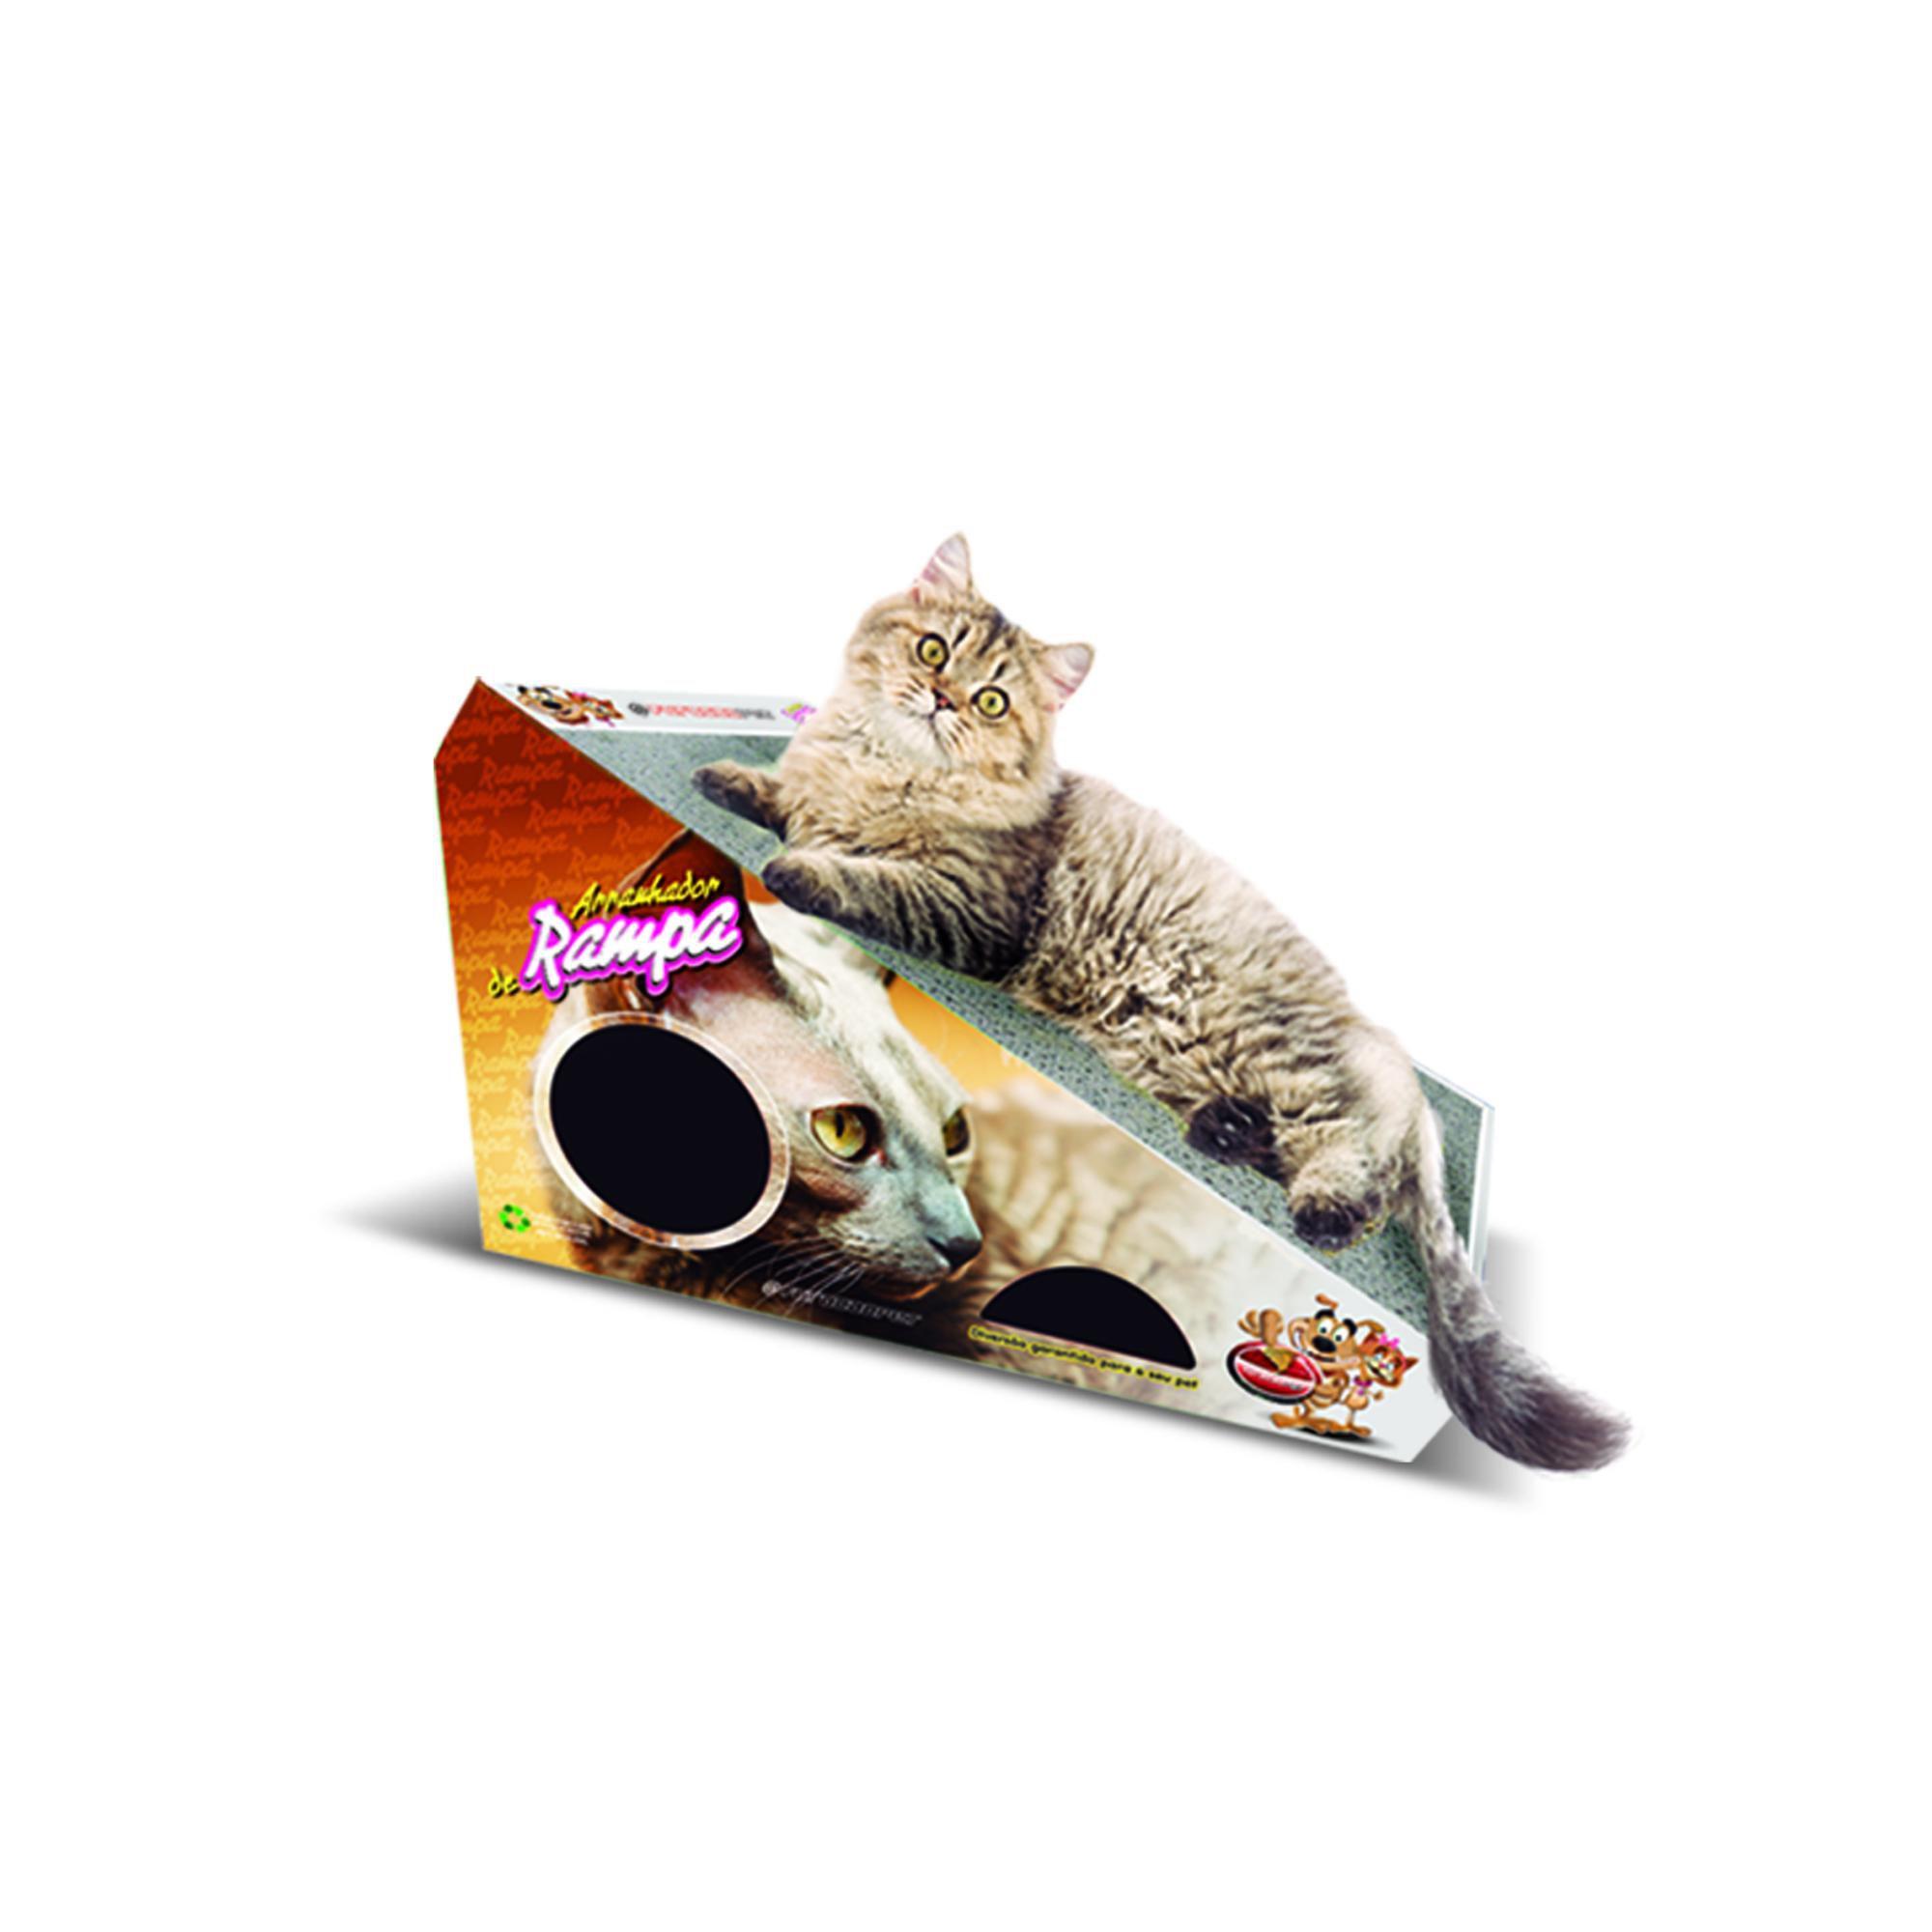 Kit 1 Arranhador p/ Gatos Rampa e 1 Refil Furacão Pet